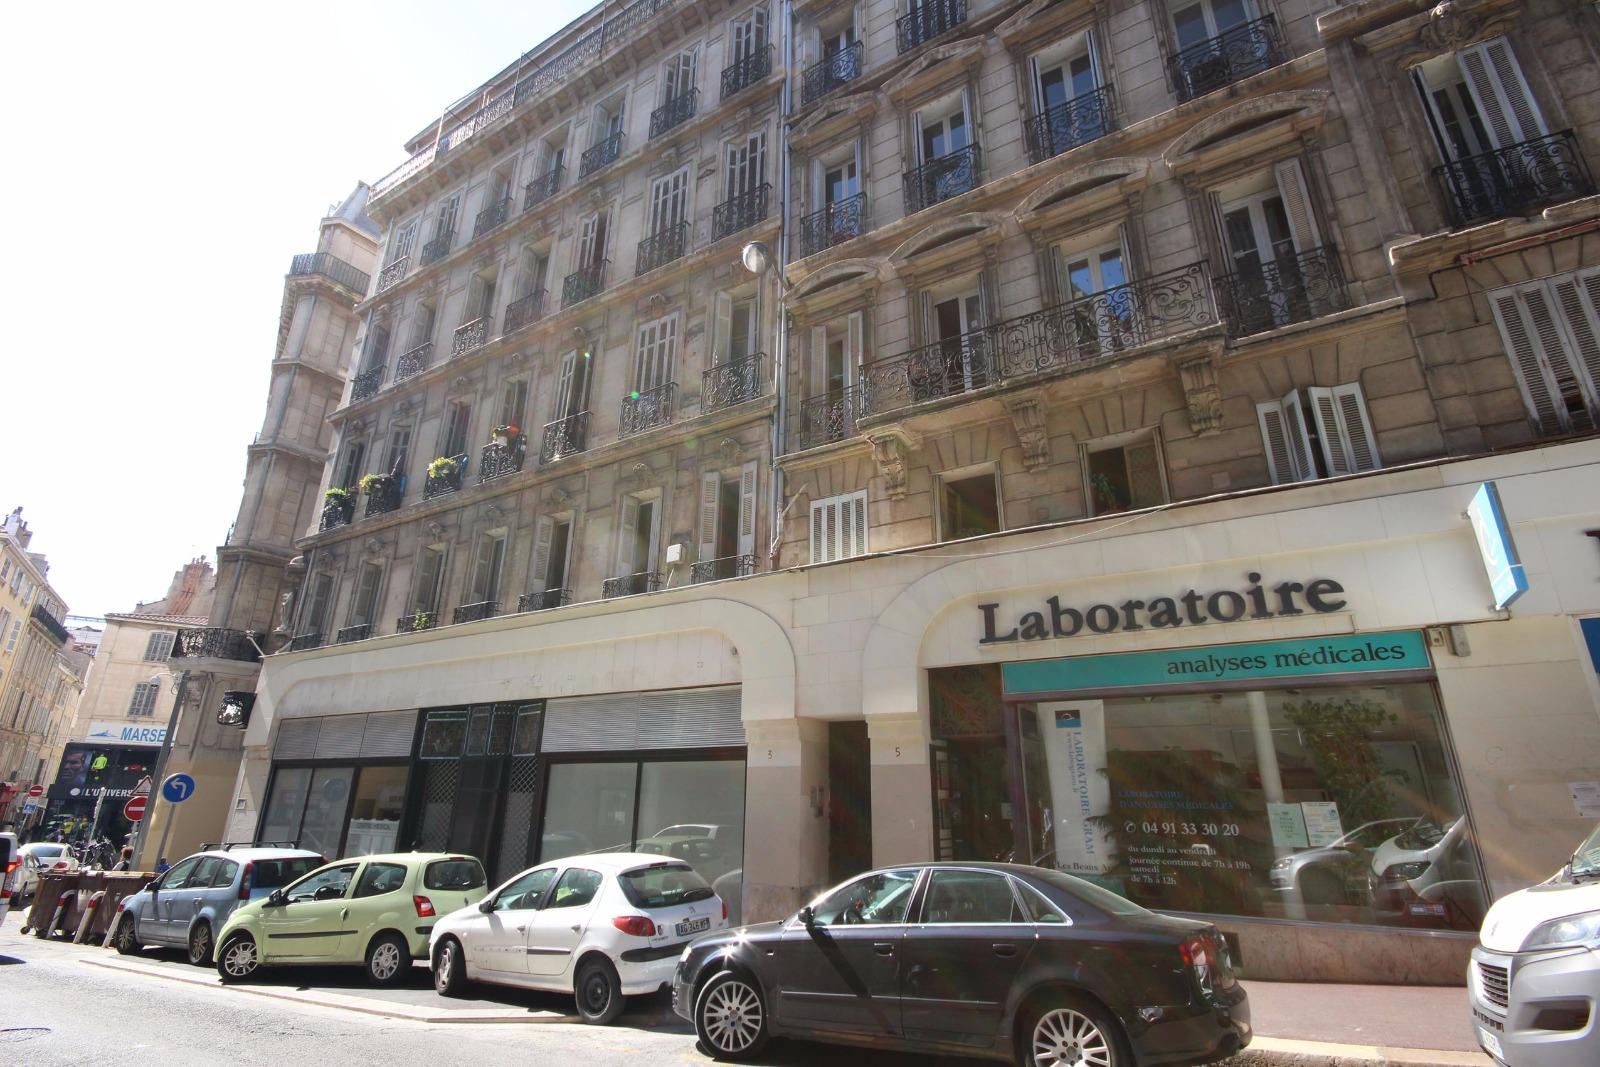 Location immobilier professionnel marseille 1er centre m dical rue rouvi re m tro canebi re - Chambre de commerce marseille adresse ...